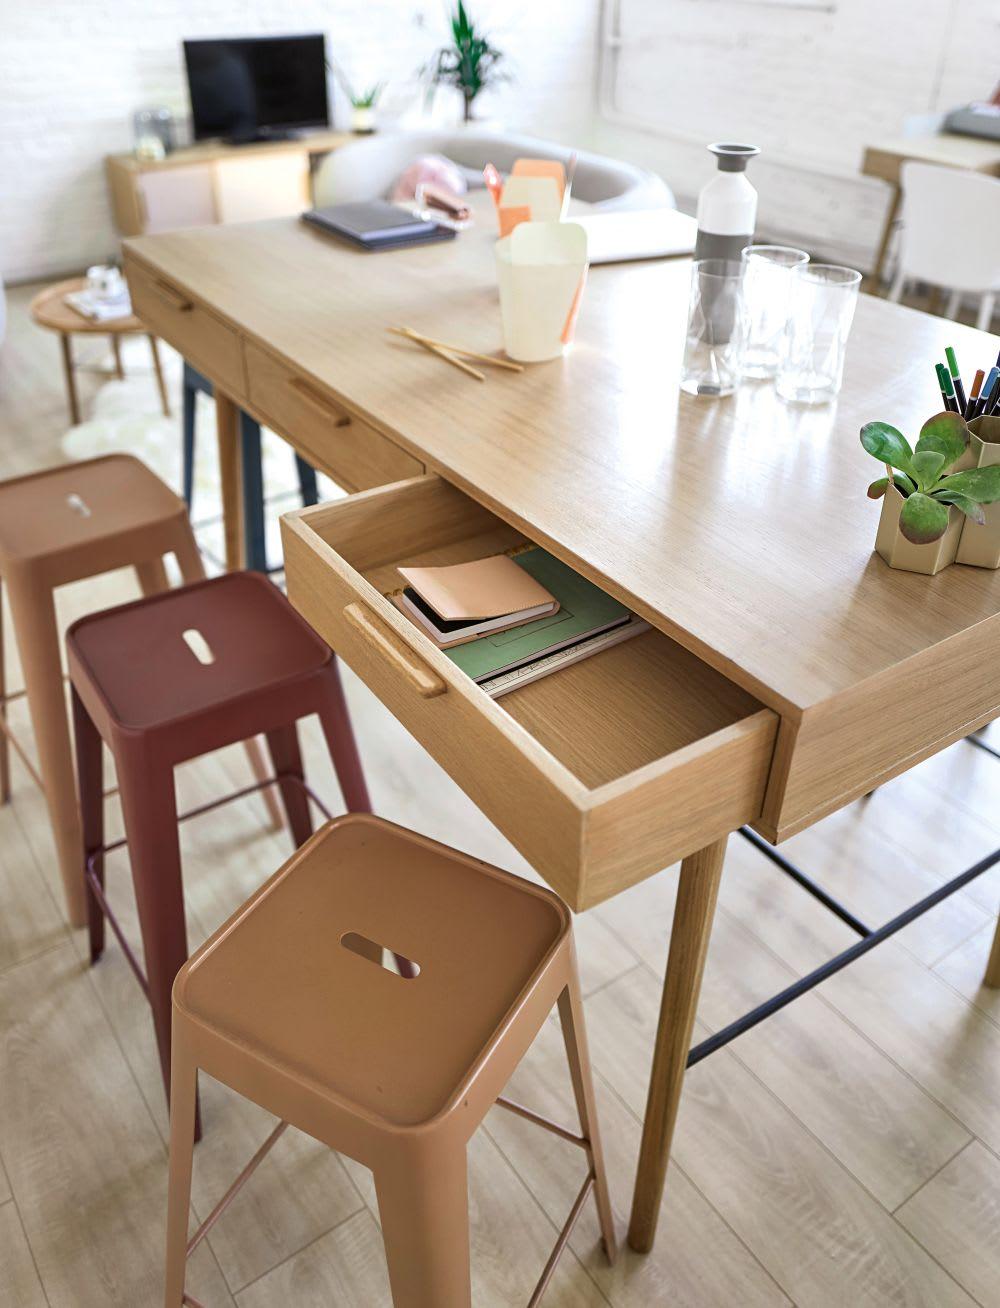 hoher esstisch mit 6 schubladen f r 4 6 personen l160. Black Bedroom Furniture Sets. Home Design Ideas